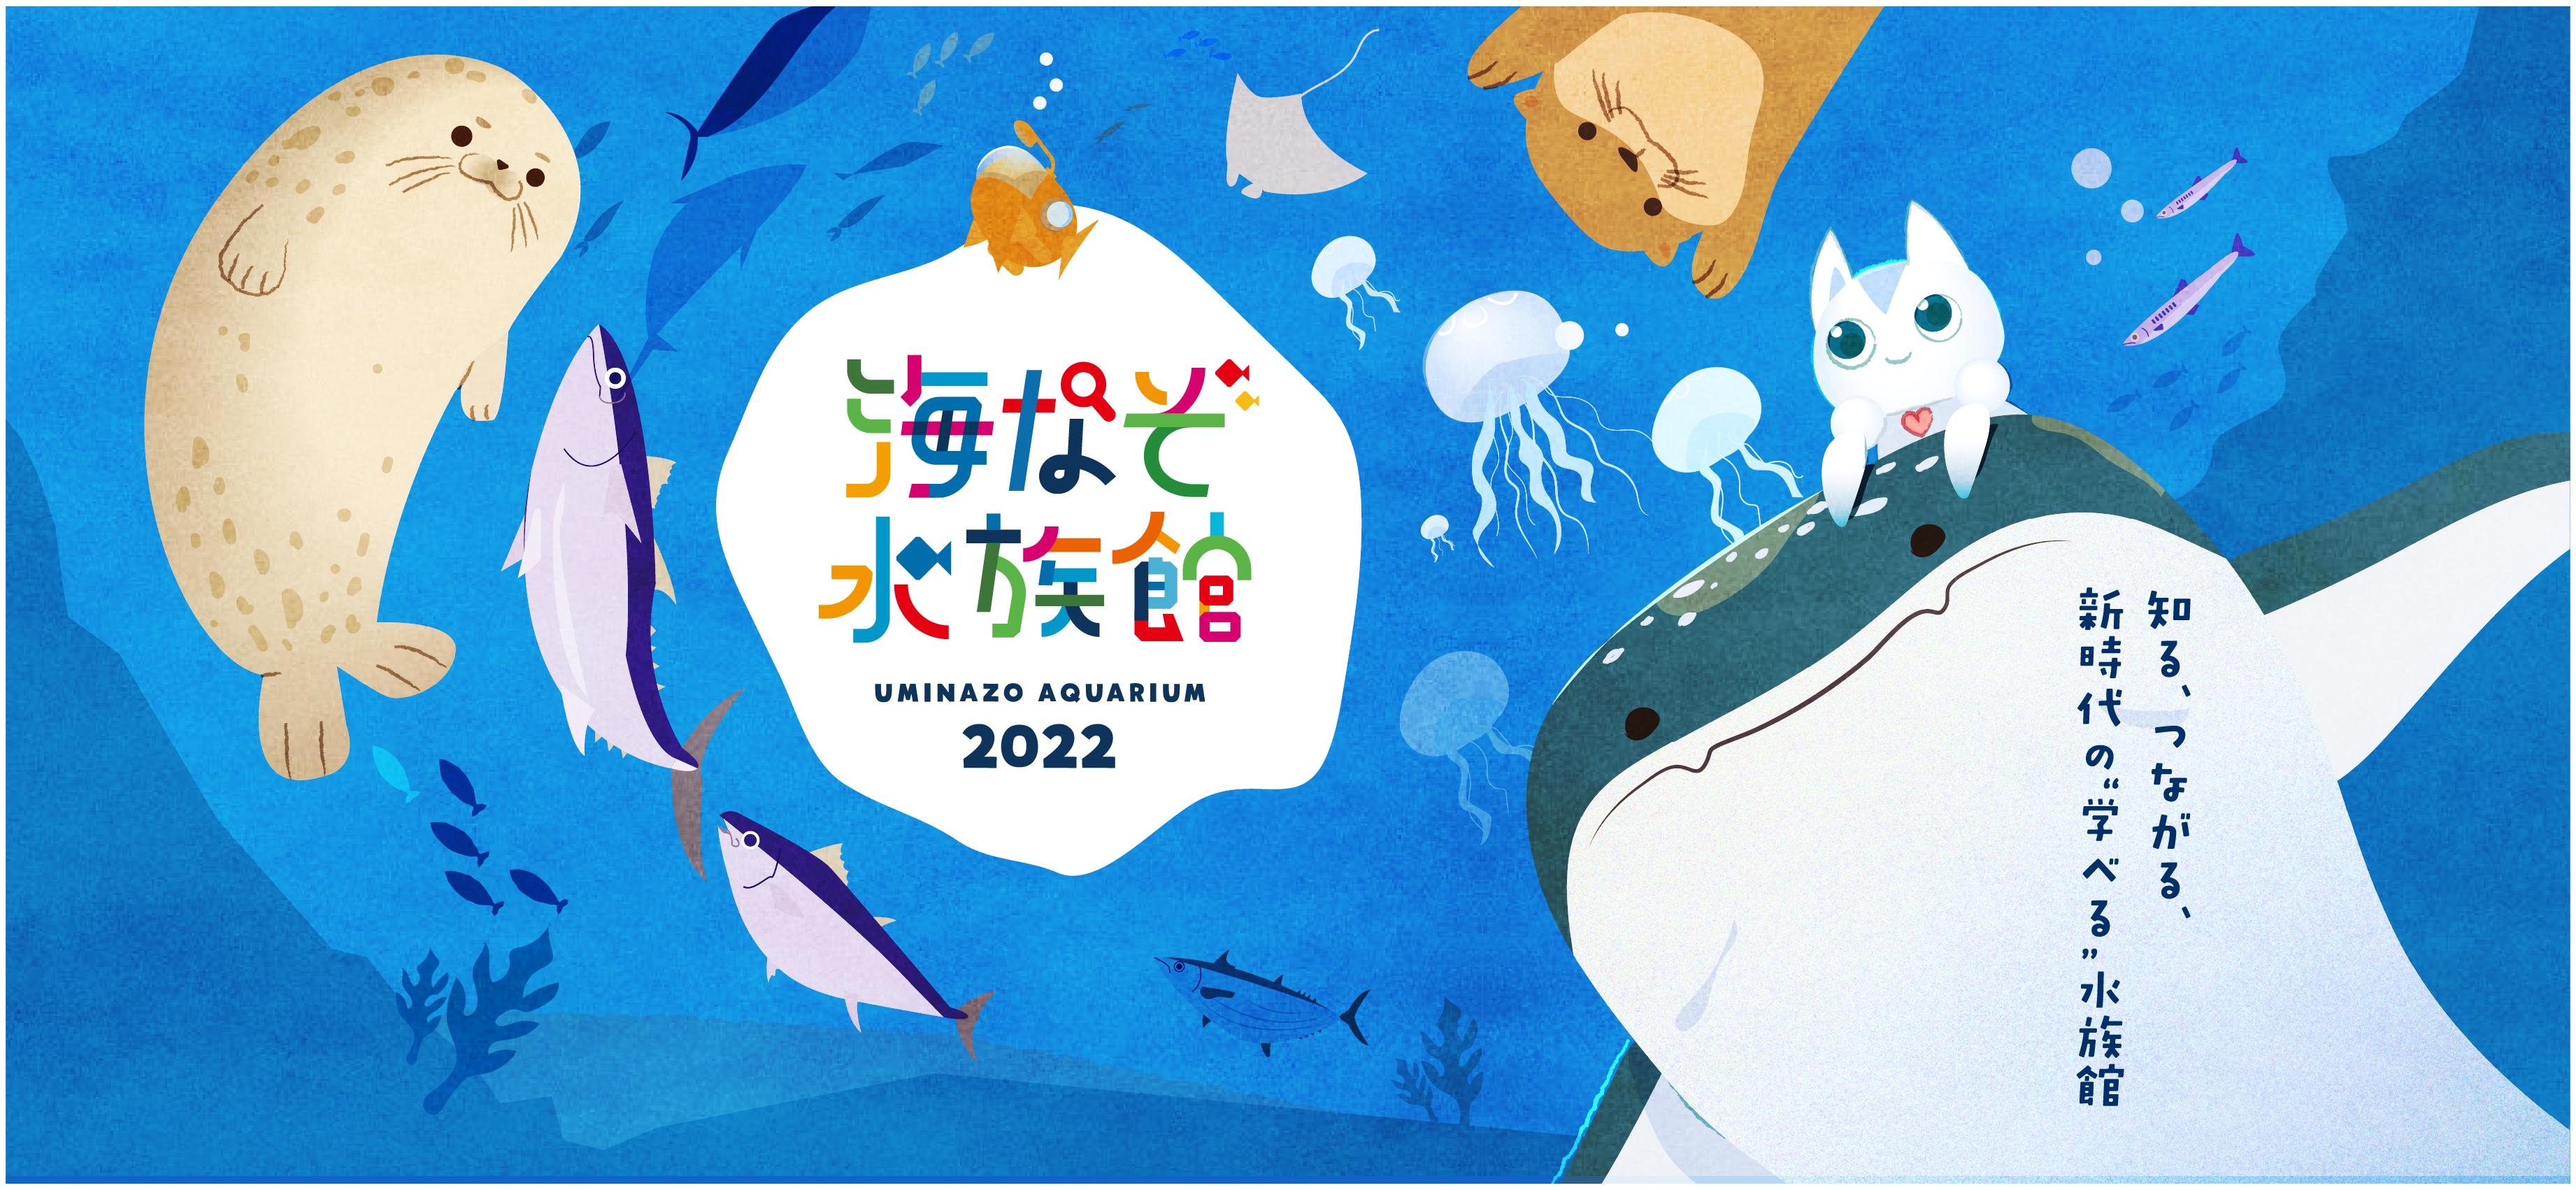 """海なぞ水族館2021 知る、つながる、新時代の""""学べる""""水族館"""